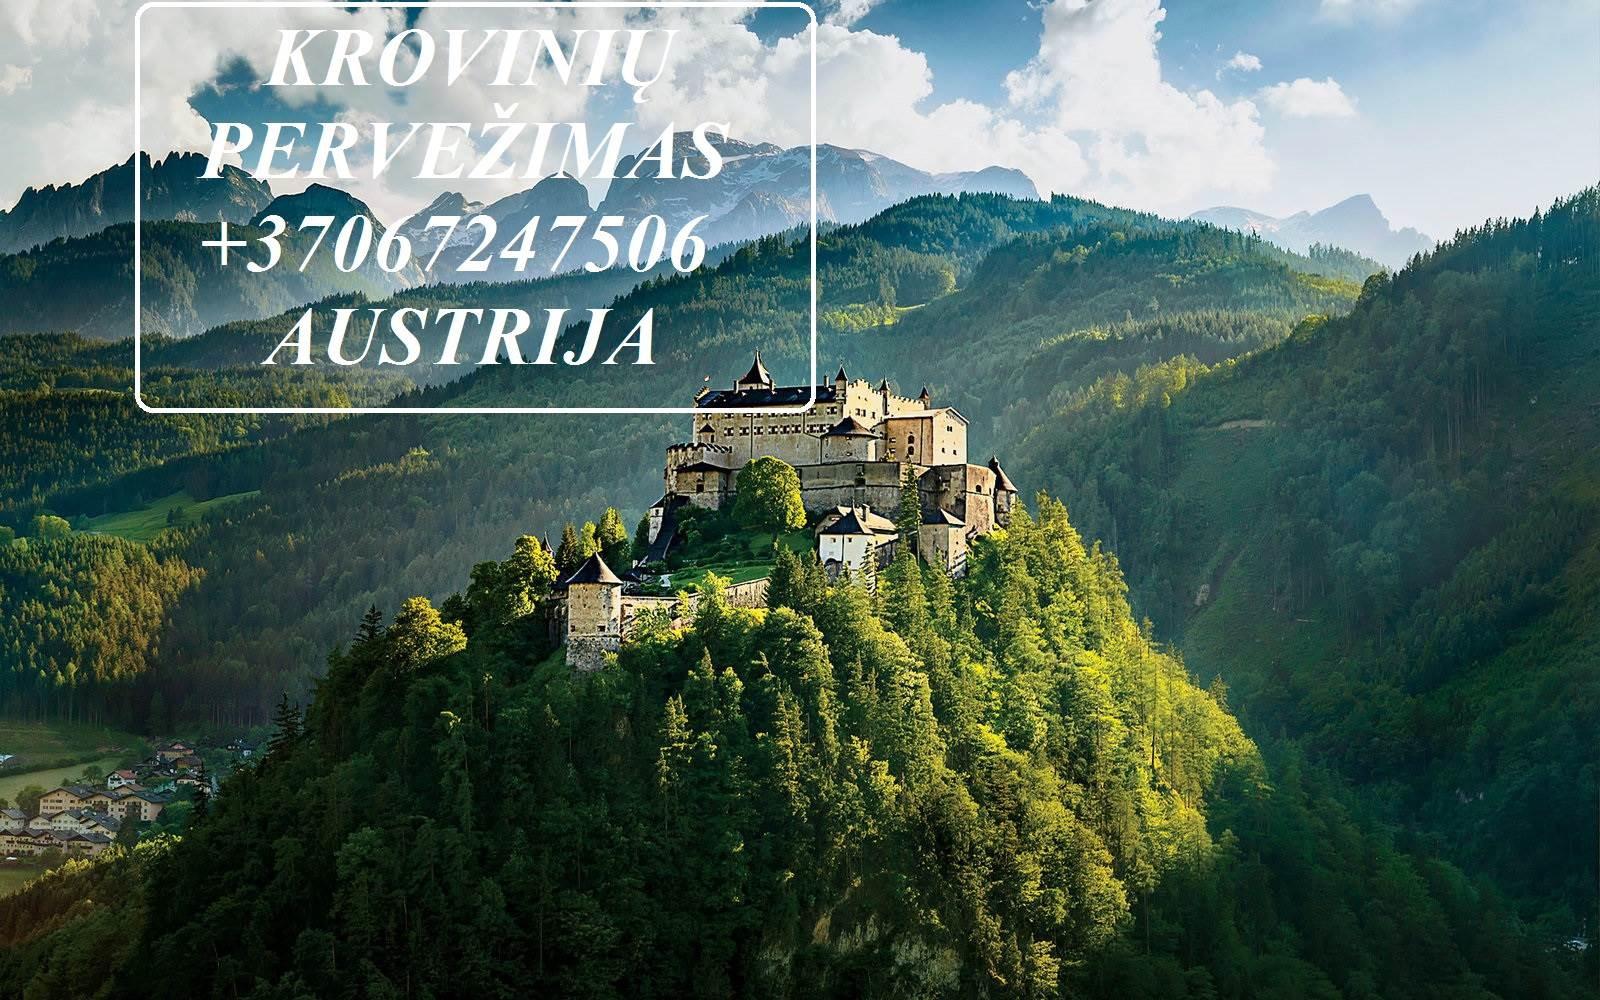 Perkraustymas į/iš Austrijos! Persikraustymas į Austriją ir iš Austrijos! Perkraustymo metu vežame visus asmeninius daiktus ( nuo puoduko, spintos iki